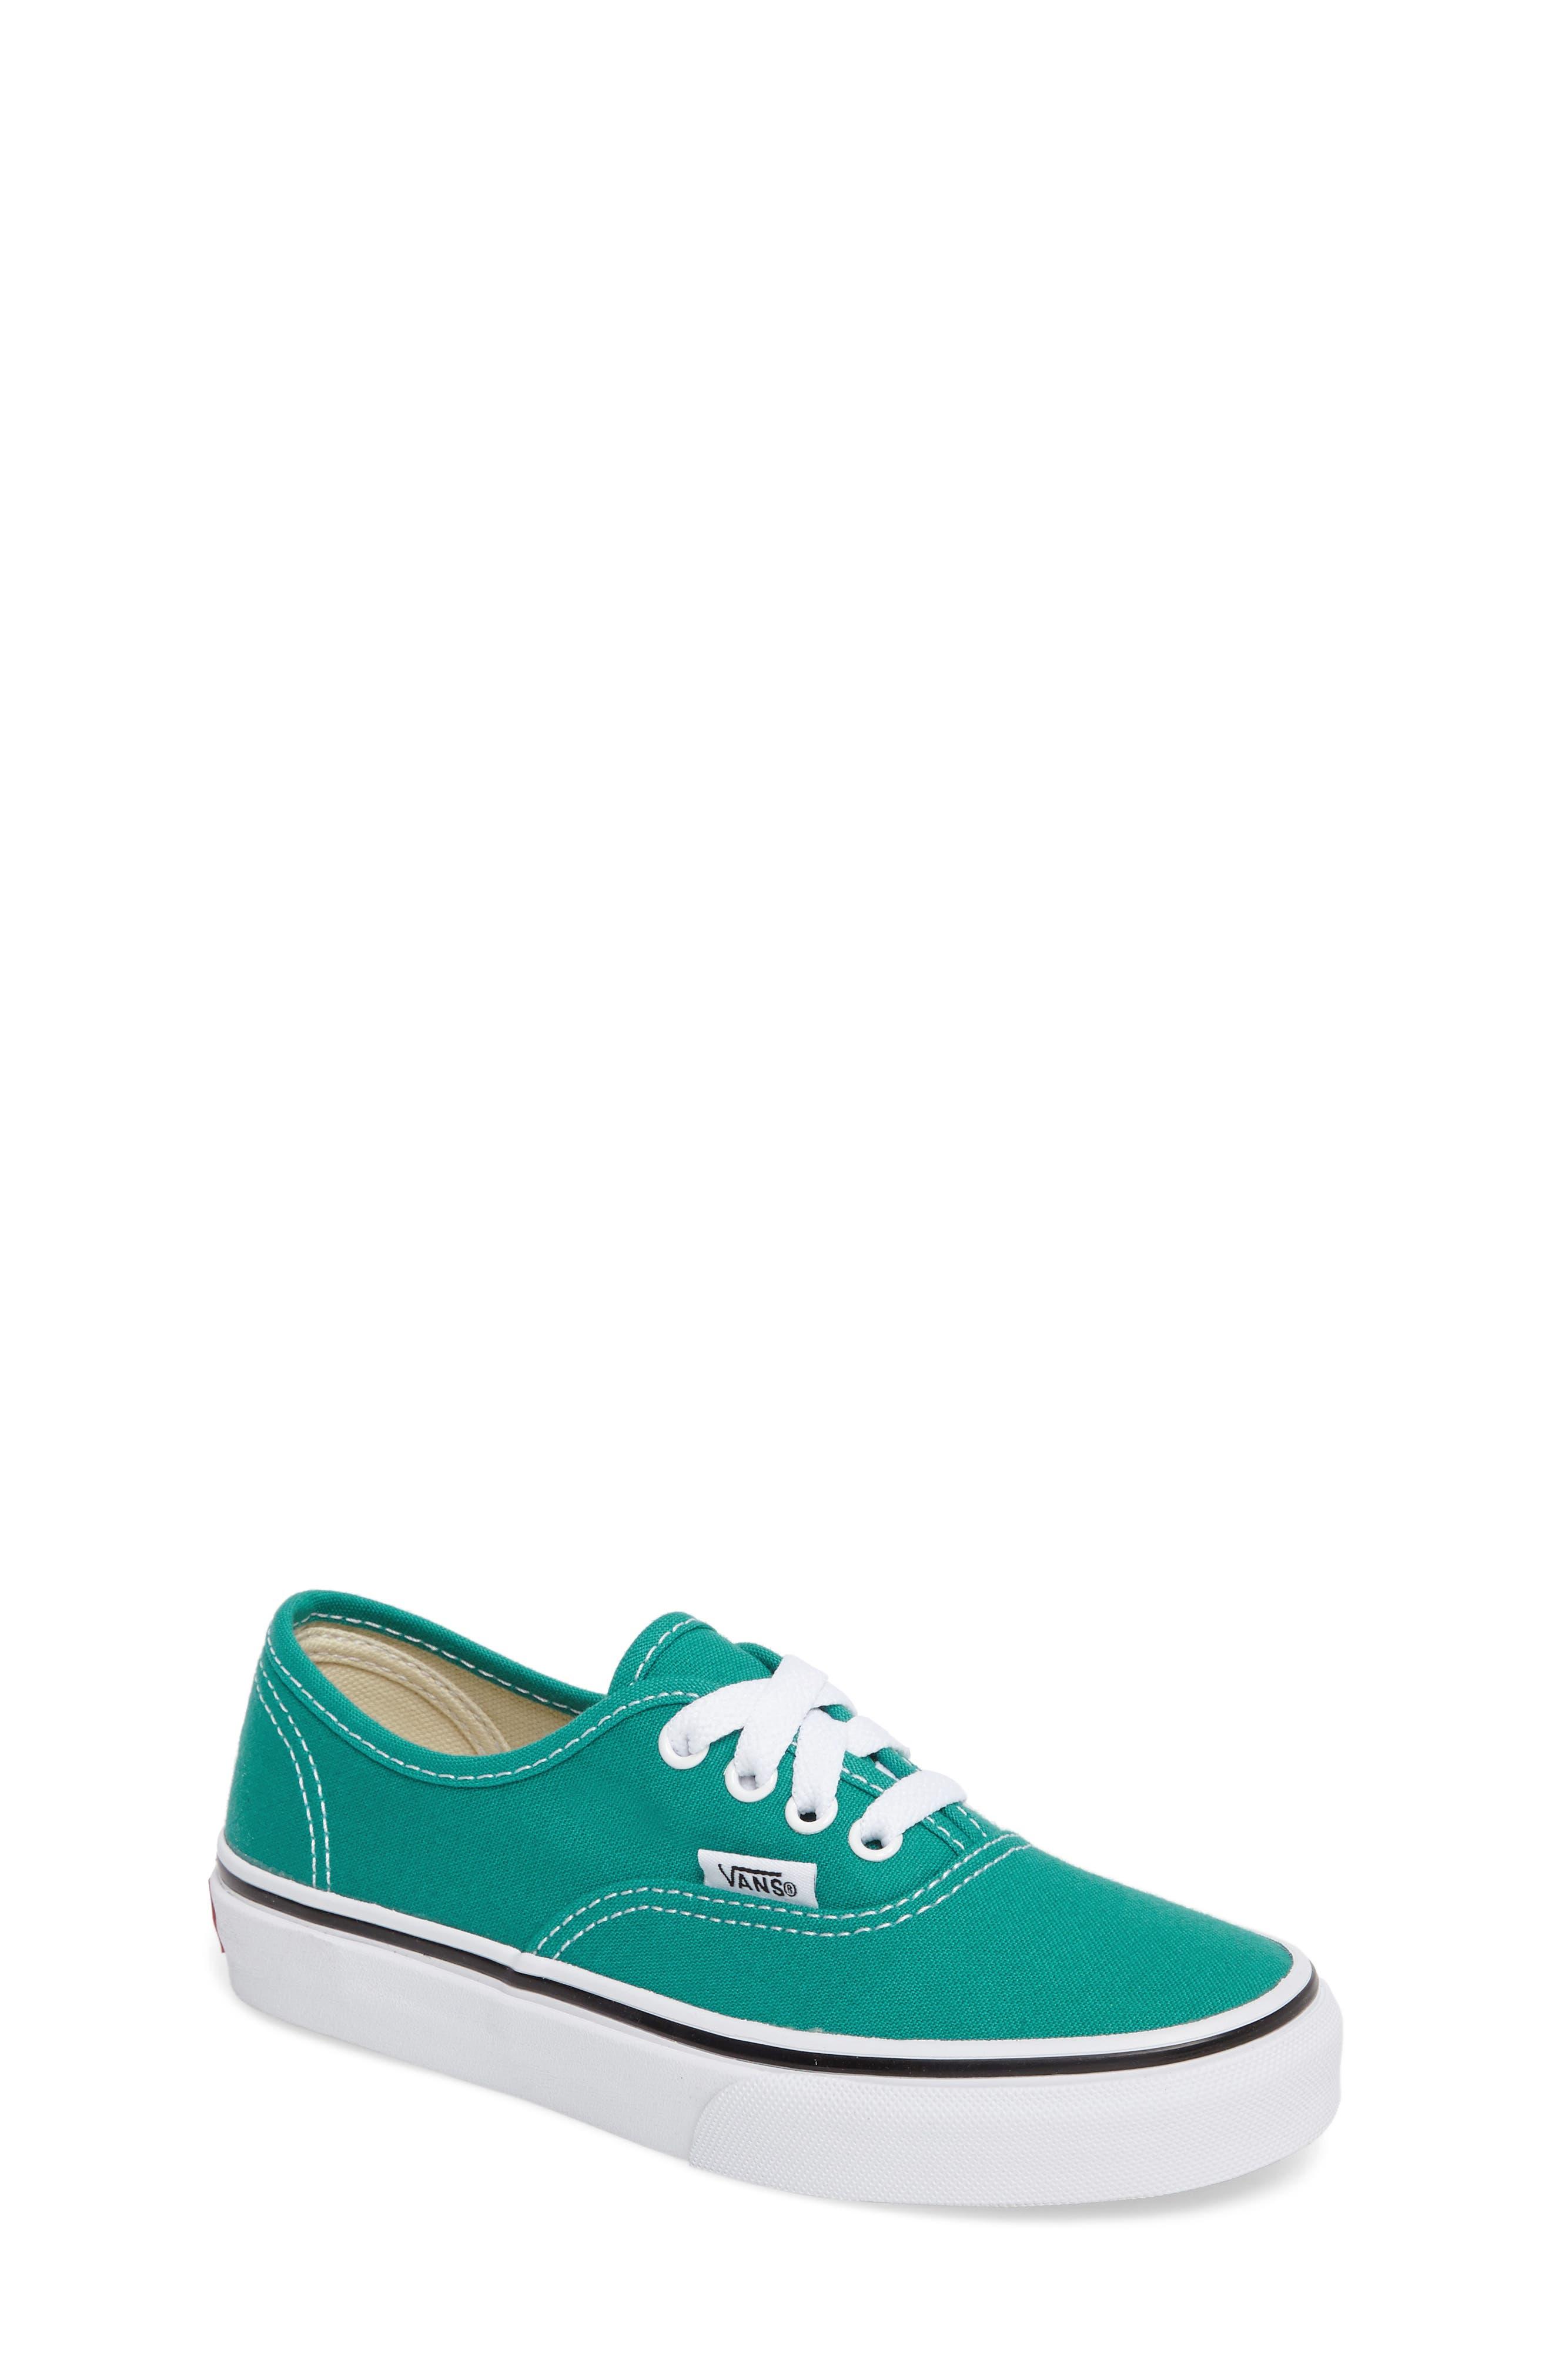 Vans Authentic Sneaker (Toddler, Little Kid & Big Kid)